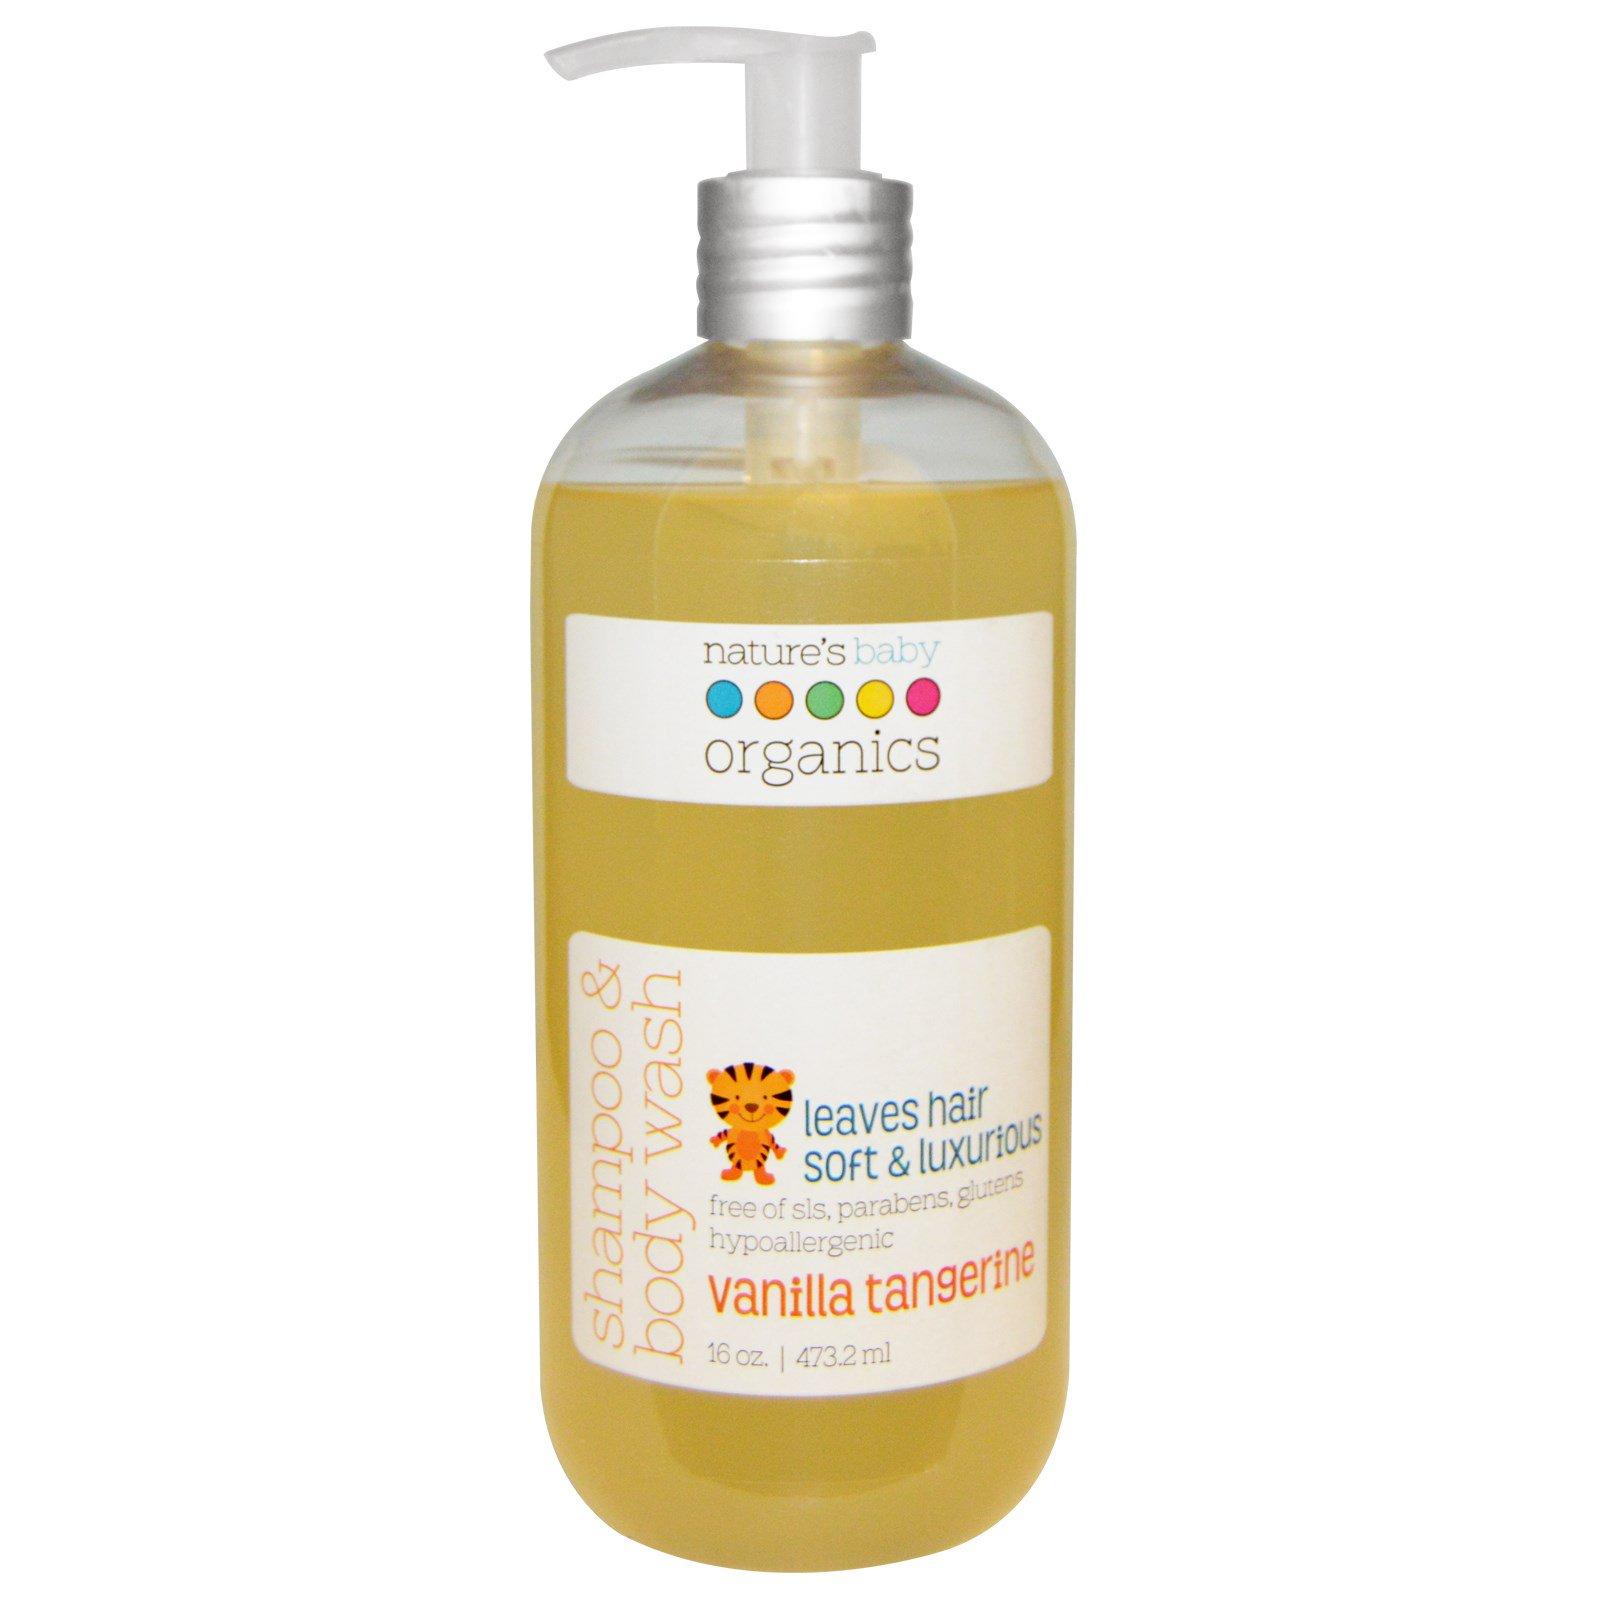 Nature's Baby Organics, Шампунь и гель для душа, с запахом ванили и мандарина, 16 унций (473.2 мл)